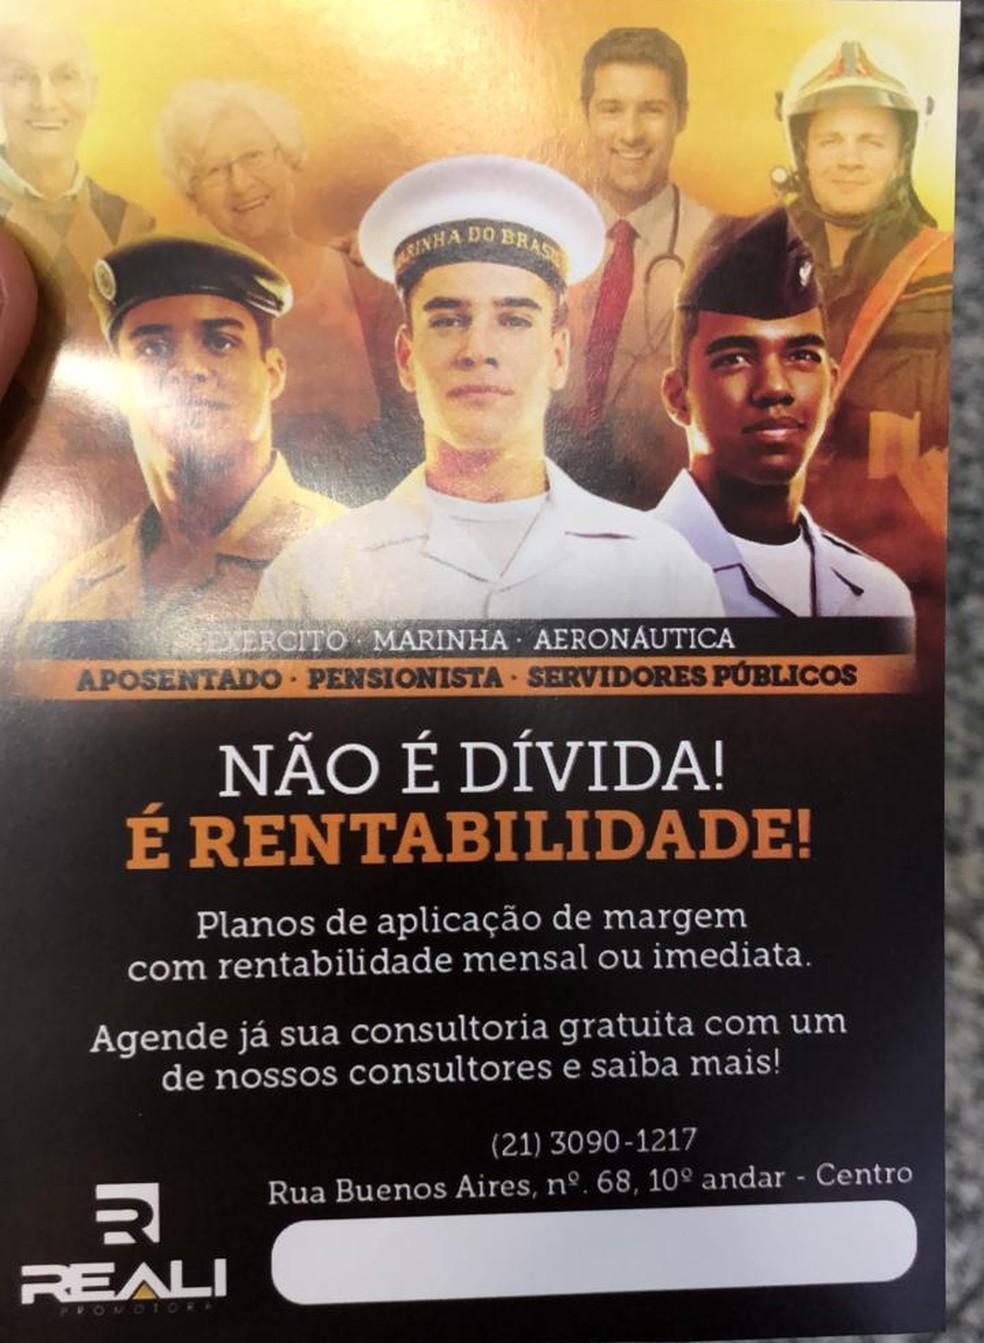 Folheto na sede da Reali Promotora Assistência Pessoal, no Centro — Foto: Reprodução